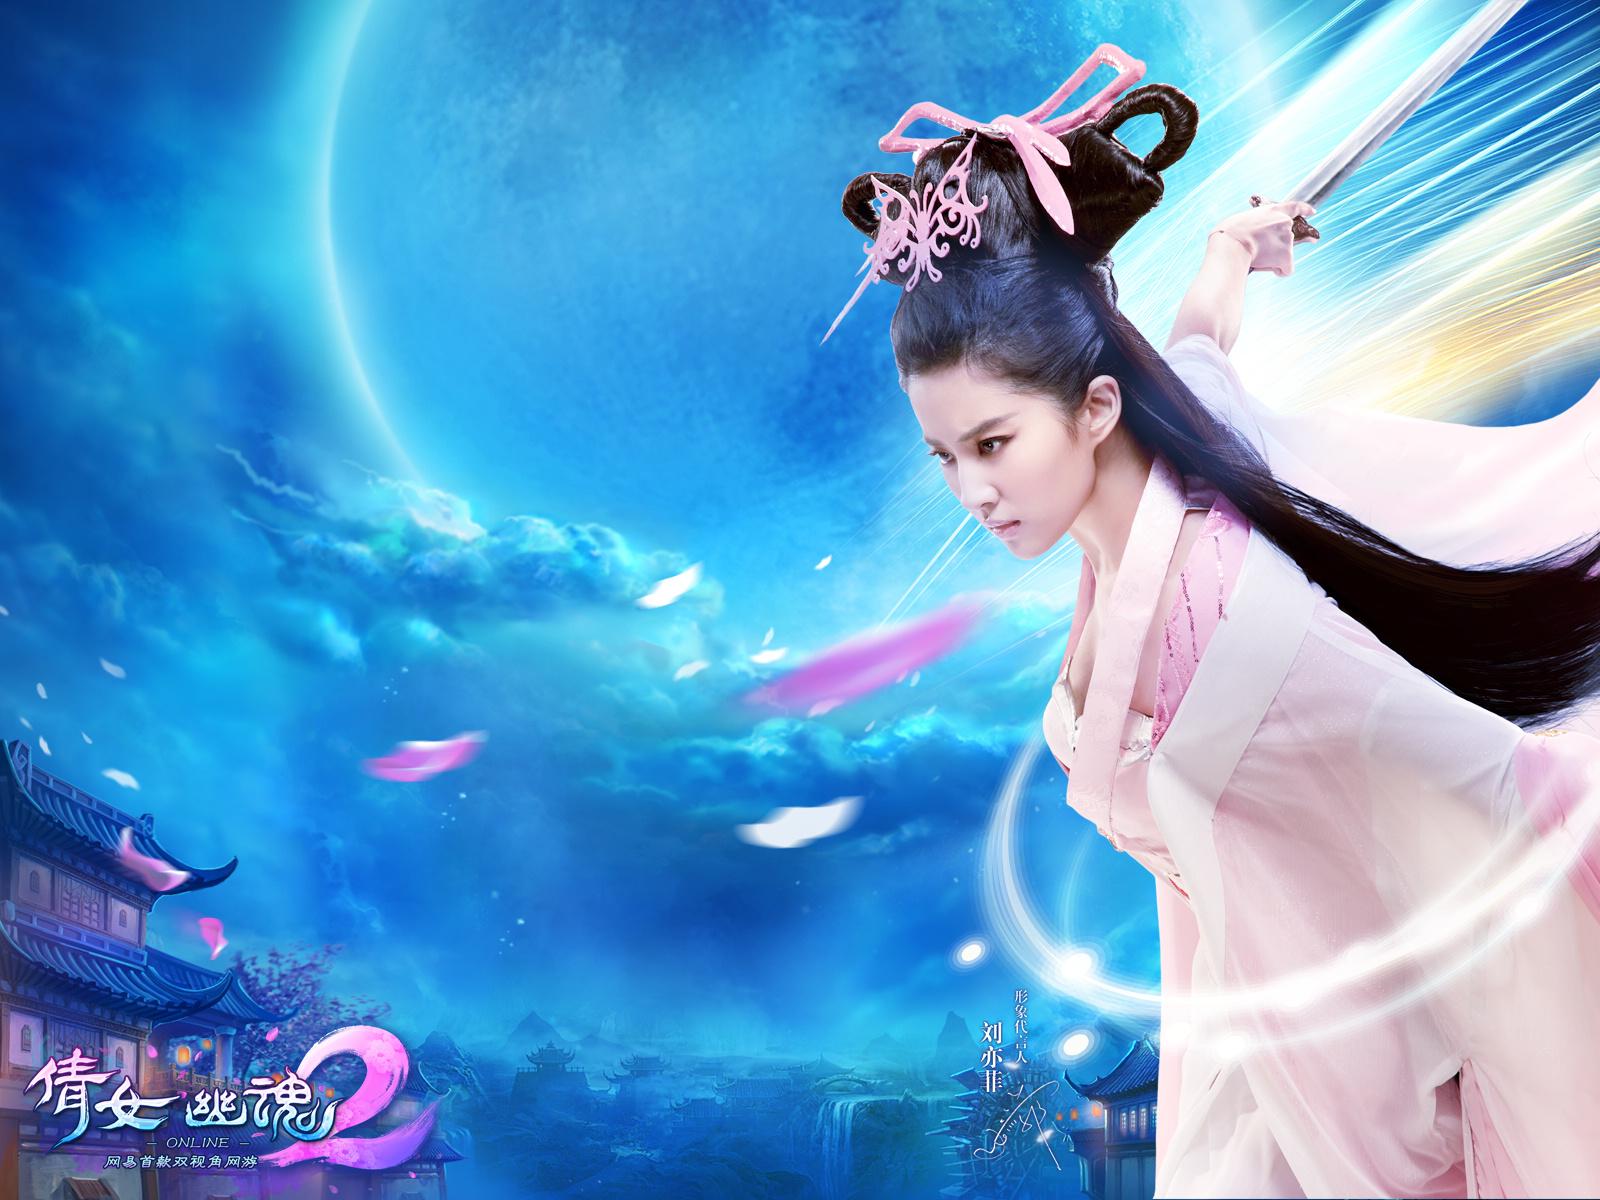 刘亦菲代言倩女幽魂2宽屏壁纸下载